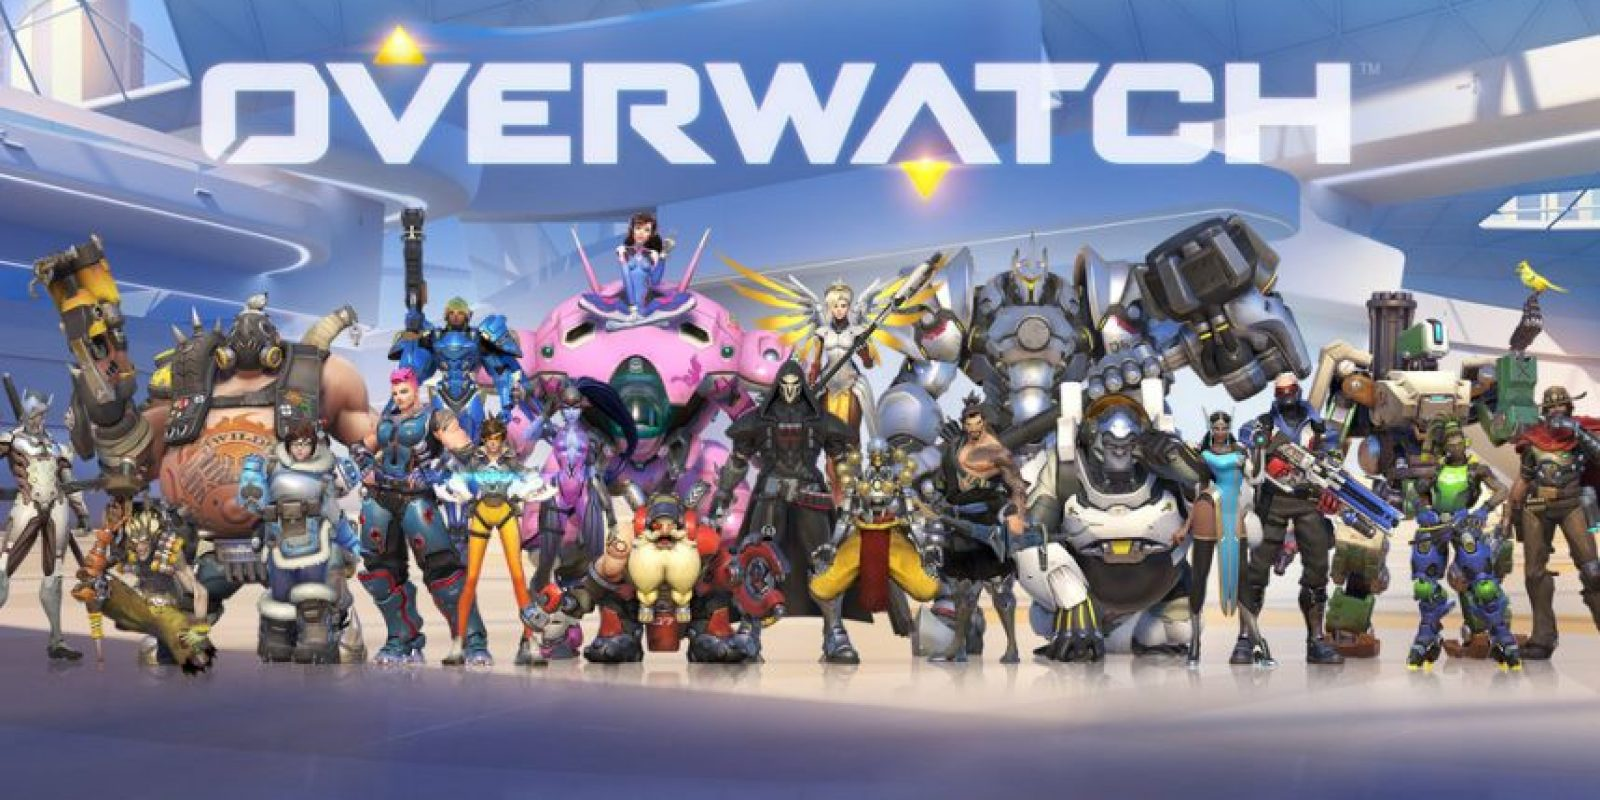 """""""Overwatch"""" fue considerado el gran ganador, consiguiendo 4 premios de los 6 a los que postuló. Entre ellos, el galardón a """"mejor juego del año"""". Foto:IGN. Imagen Por:"""